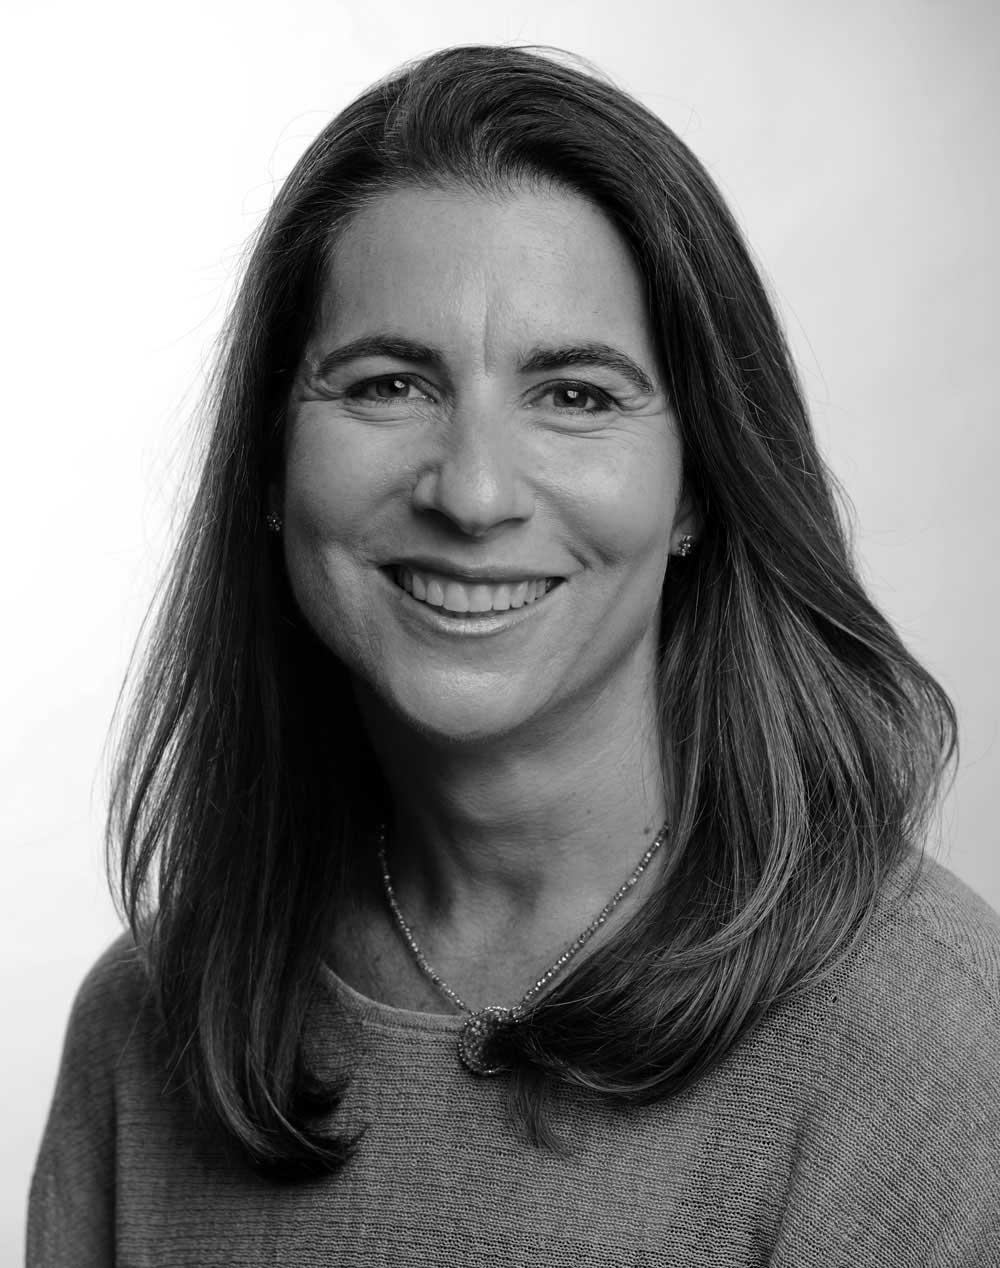 Ilana Ruskay-Kidd